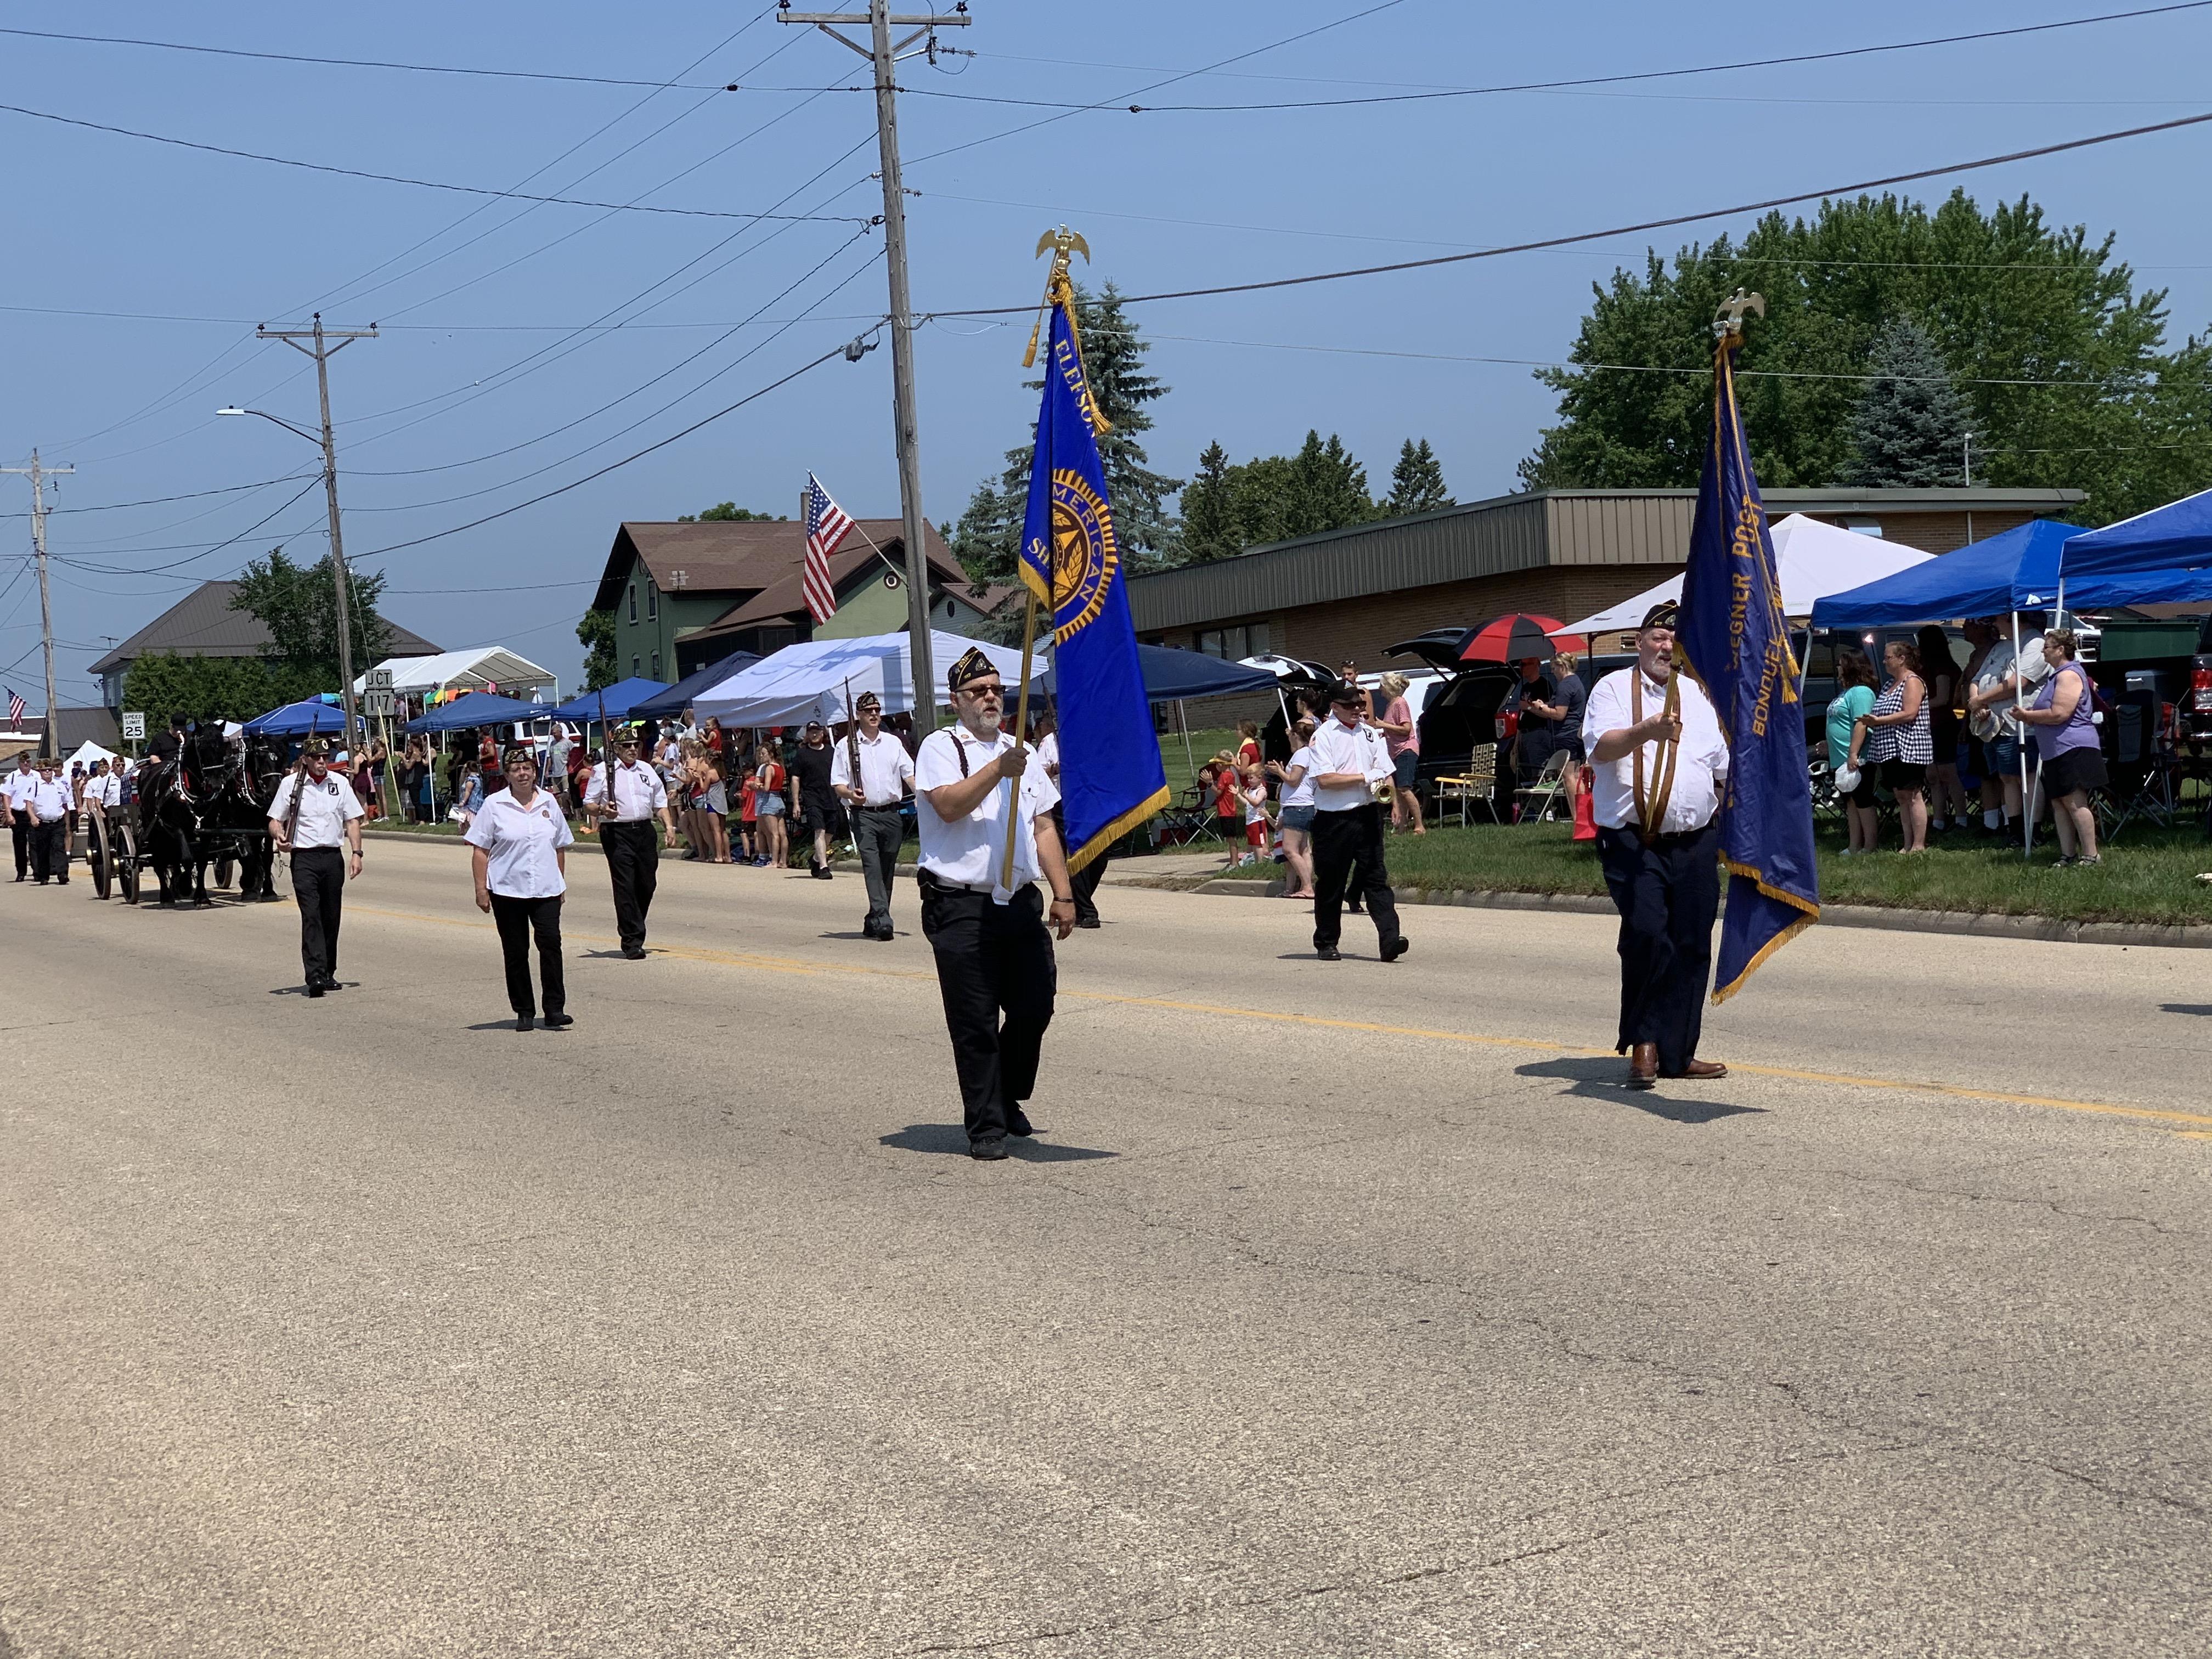 American Legion members lead the parade along Green Bay Street in Bonduel on July 4.Luke Reimer   NEW Media